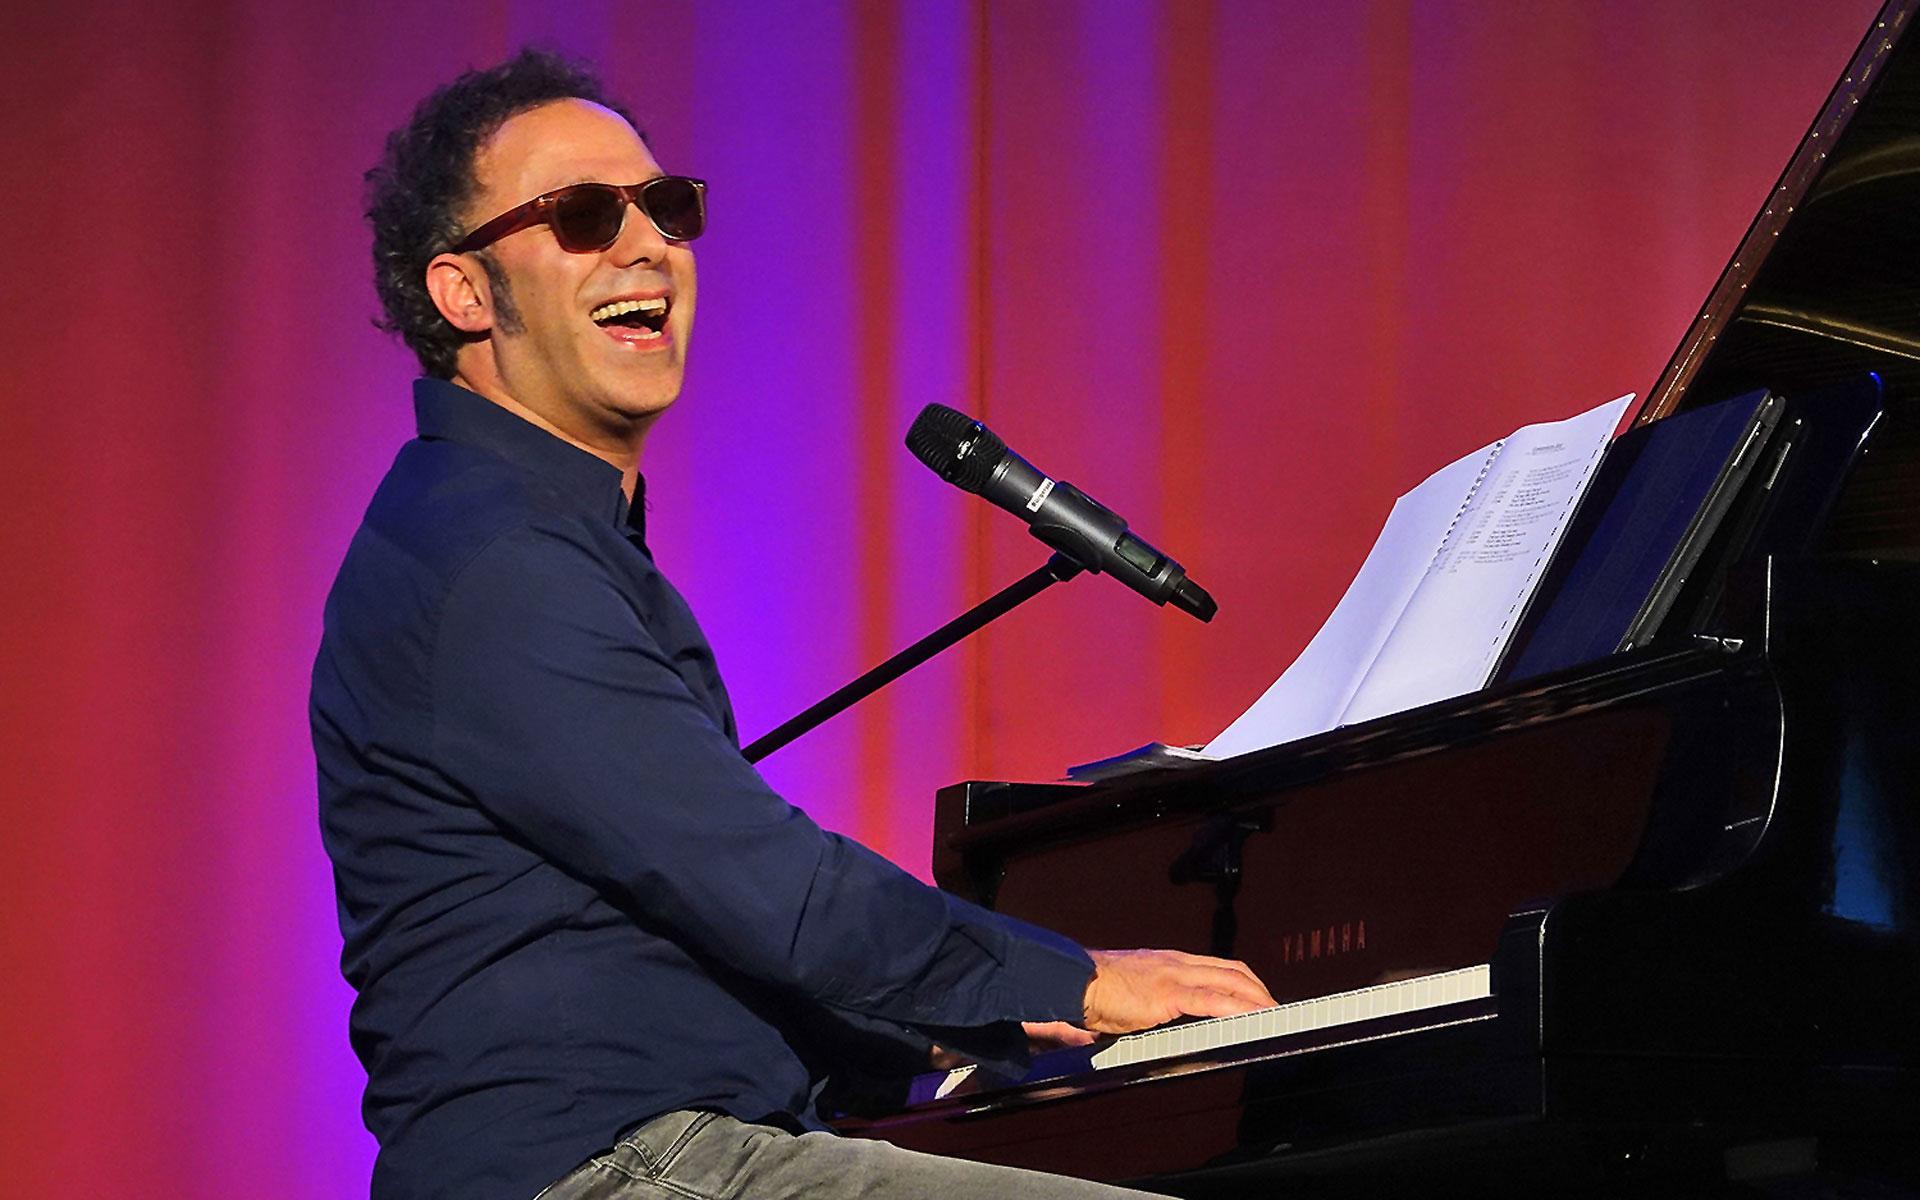 Murat Parlak - Musiker mit Sonnenbrille sitzt am Flügel und singt